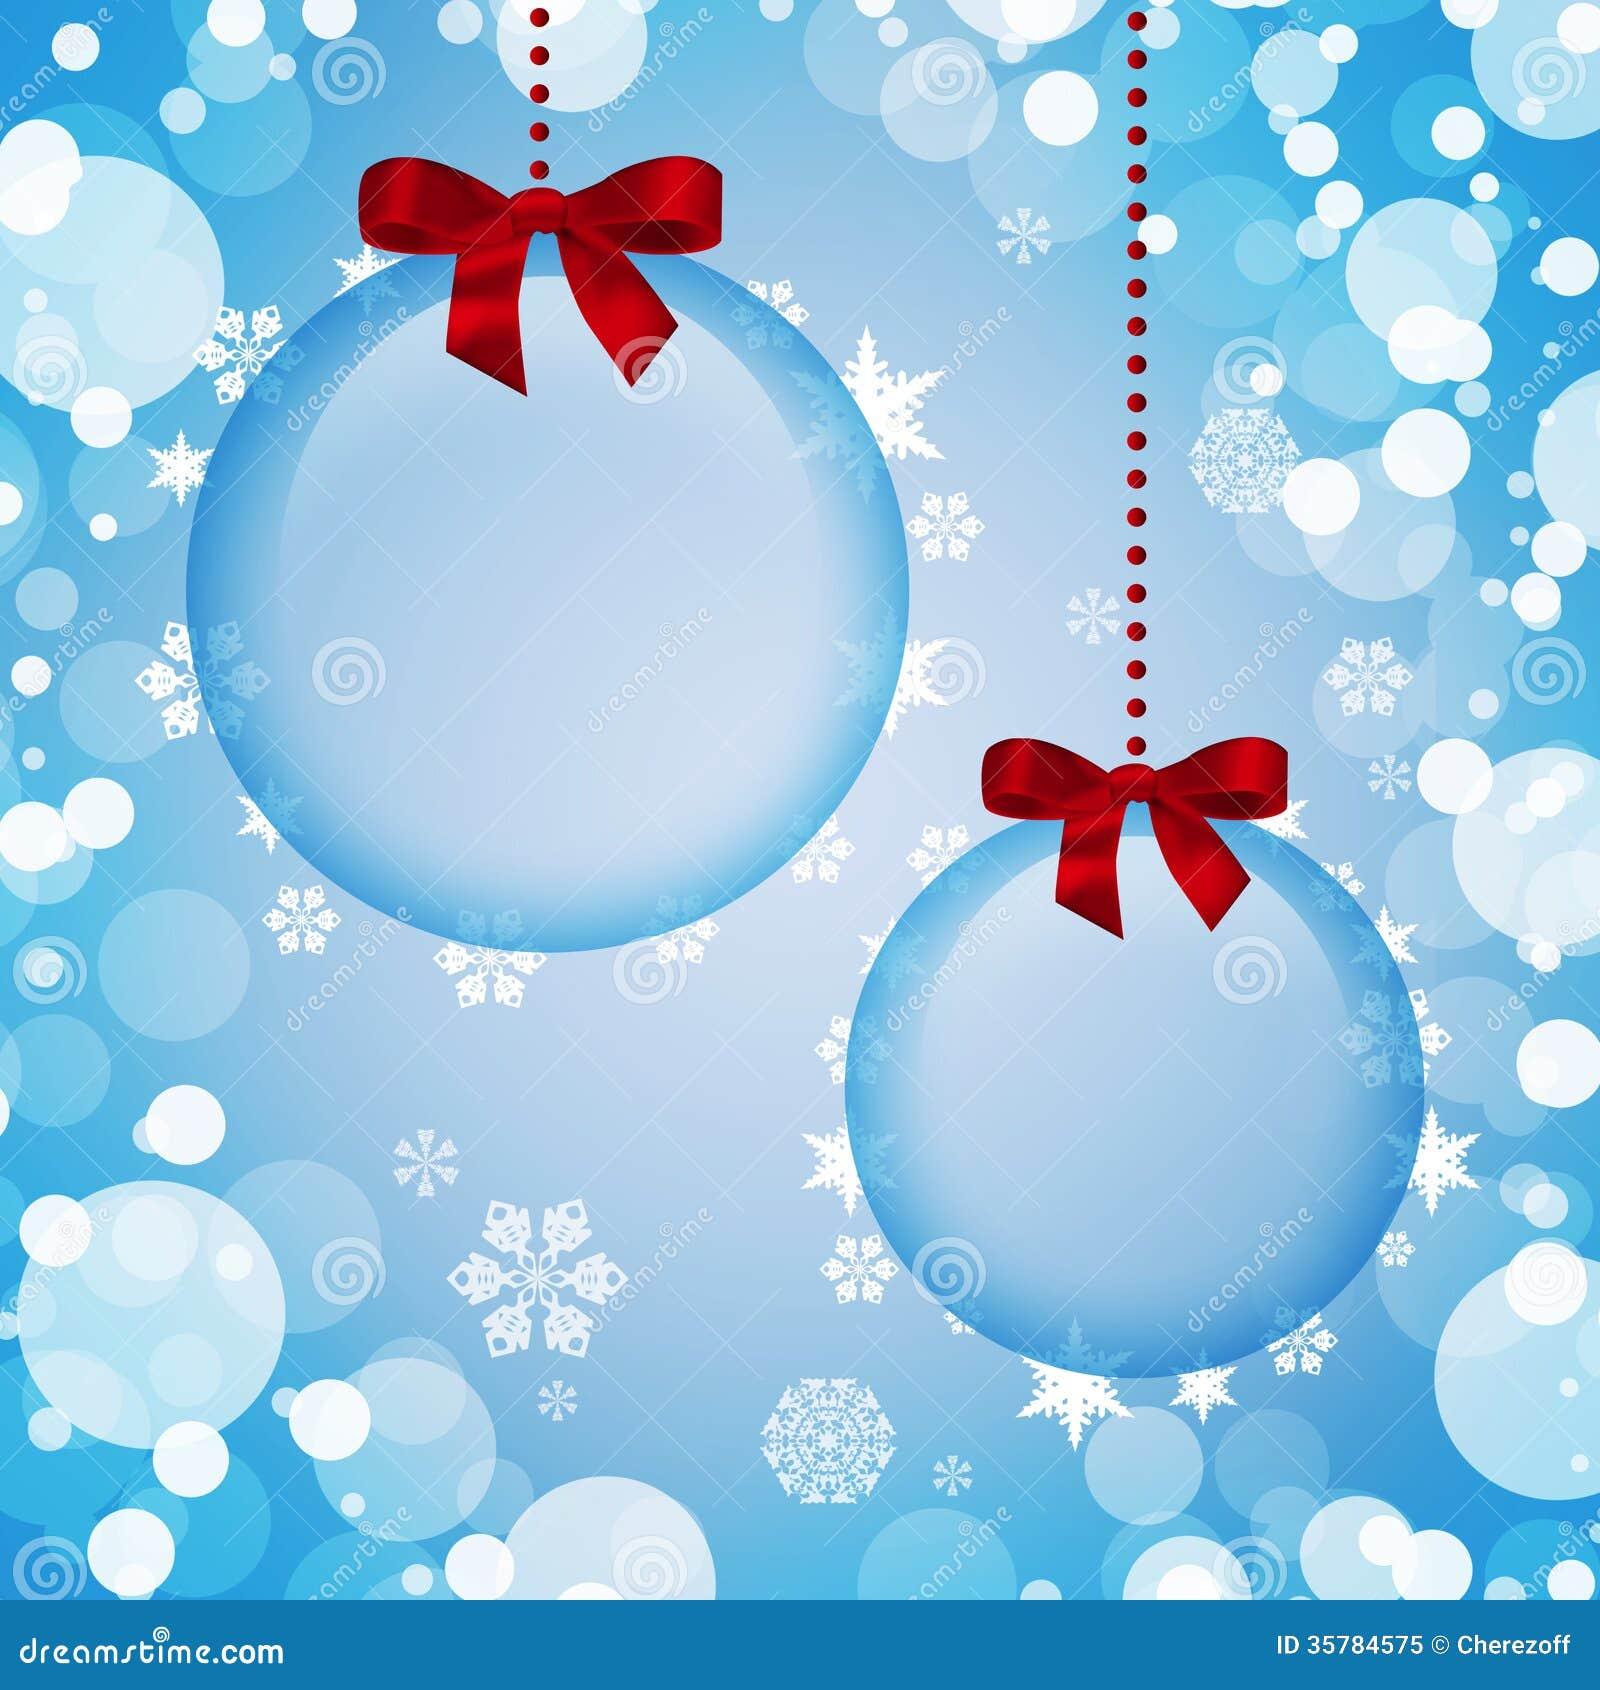 Decoraciones transparentes de la navidad foto de archivo - Bolas navidad transparentes ...